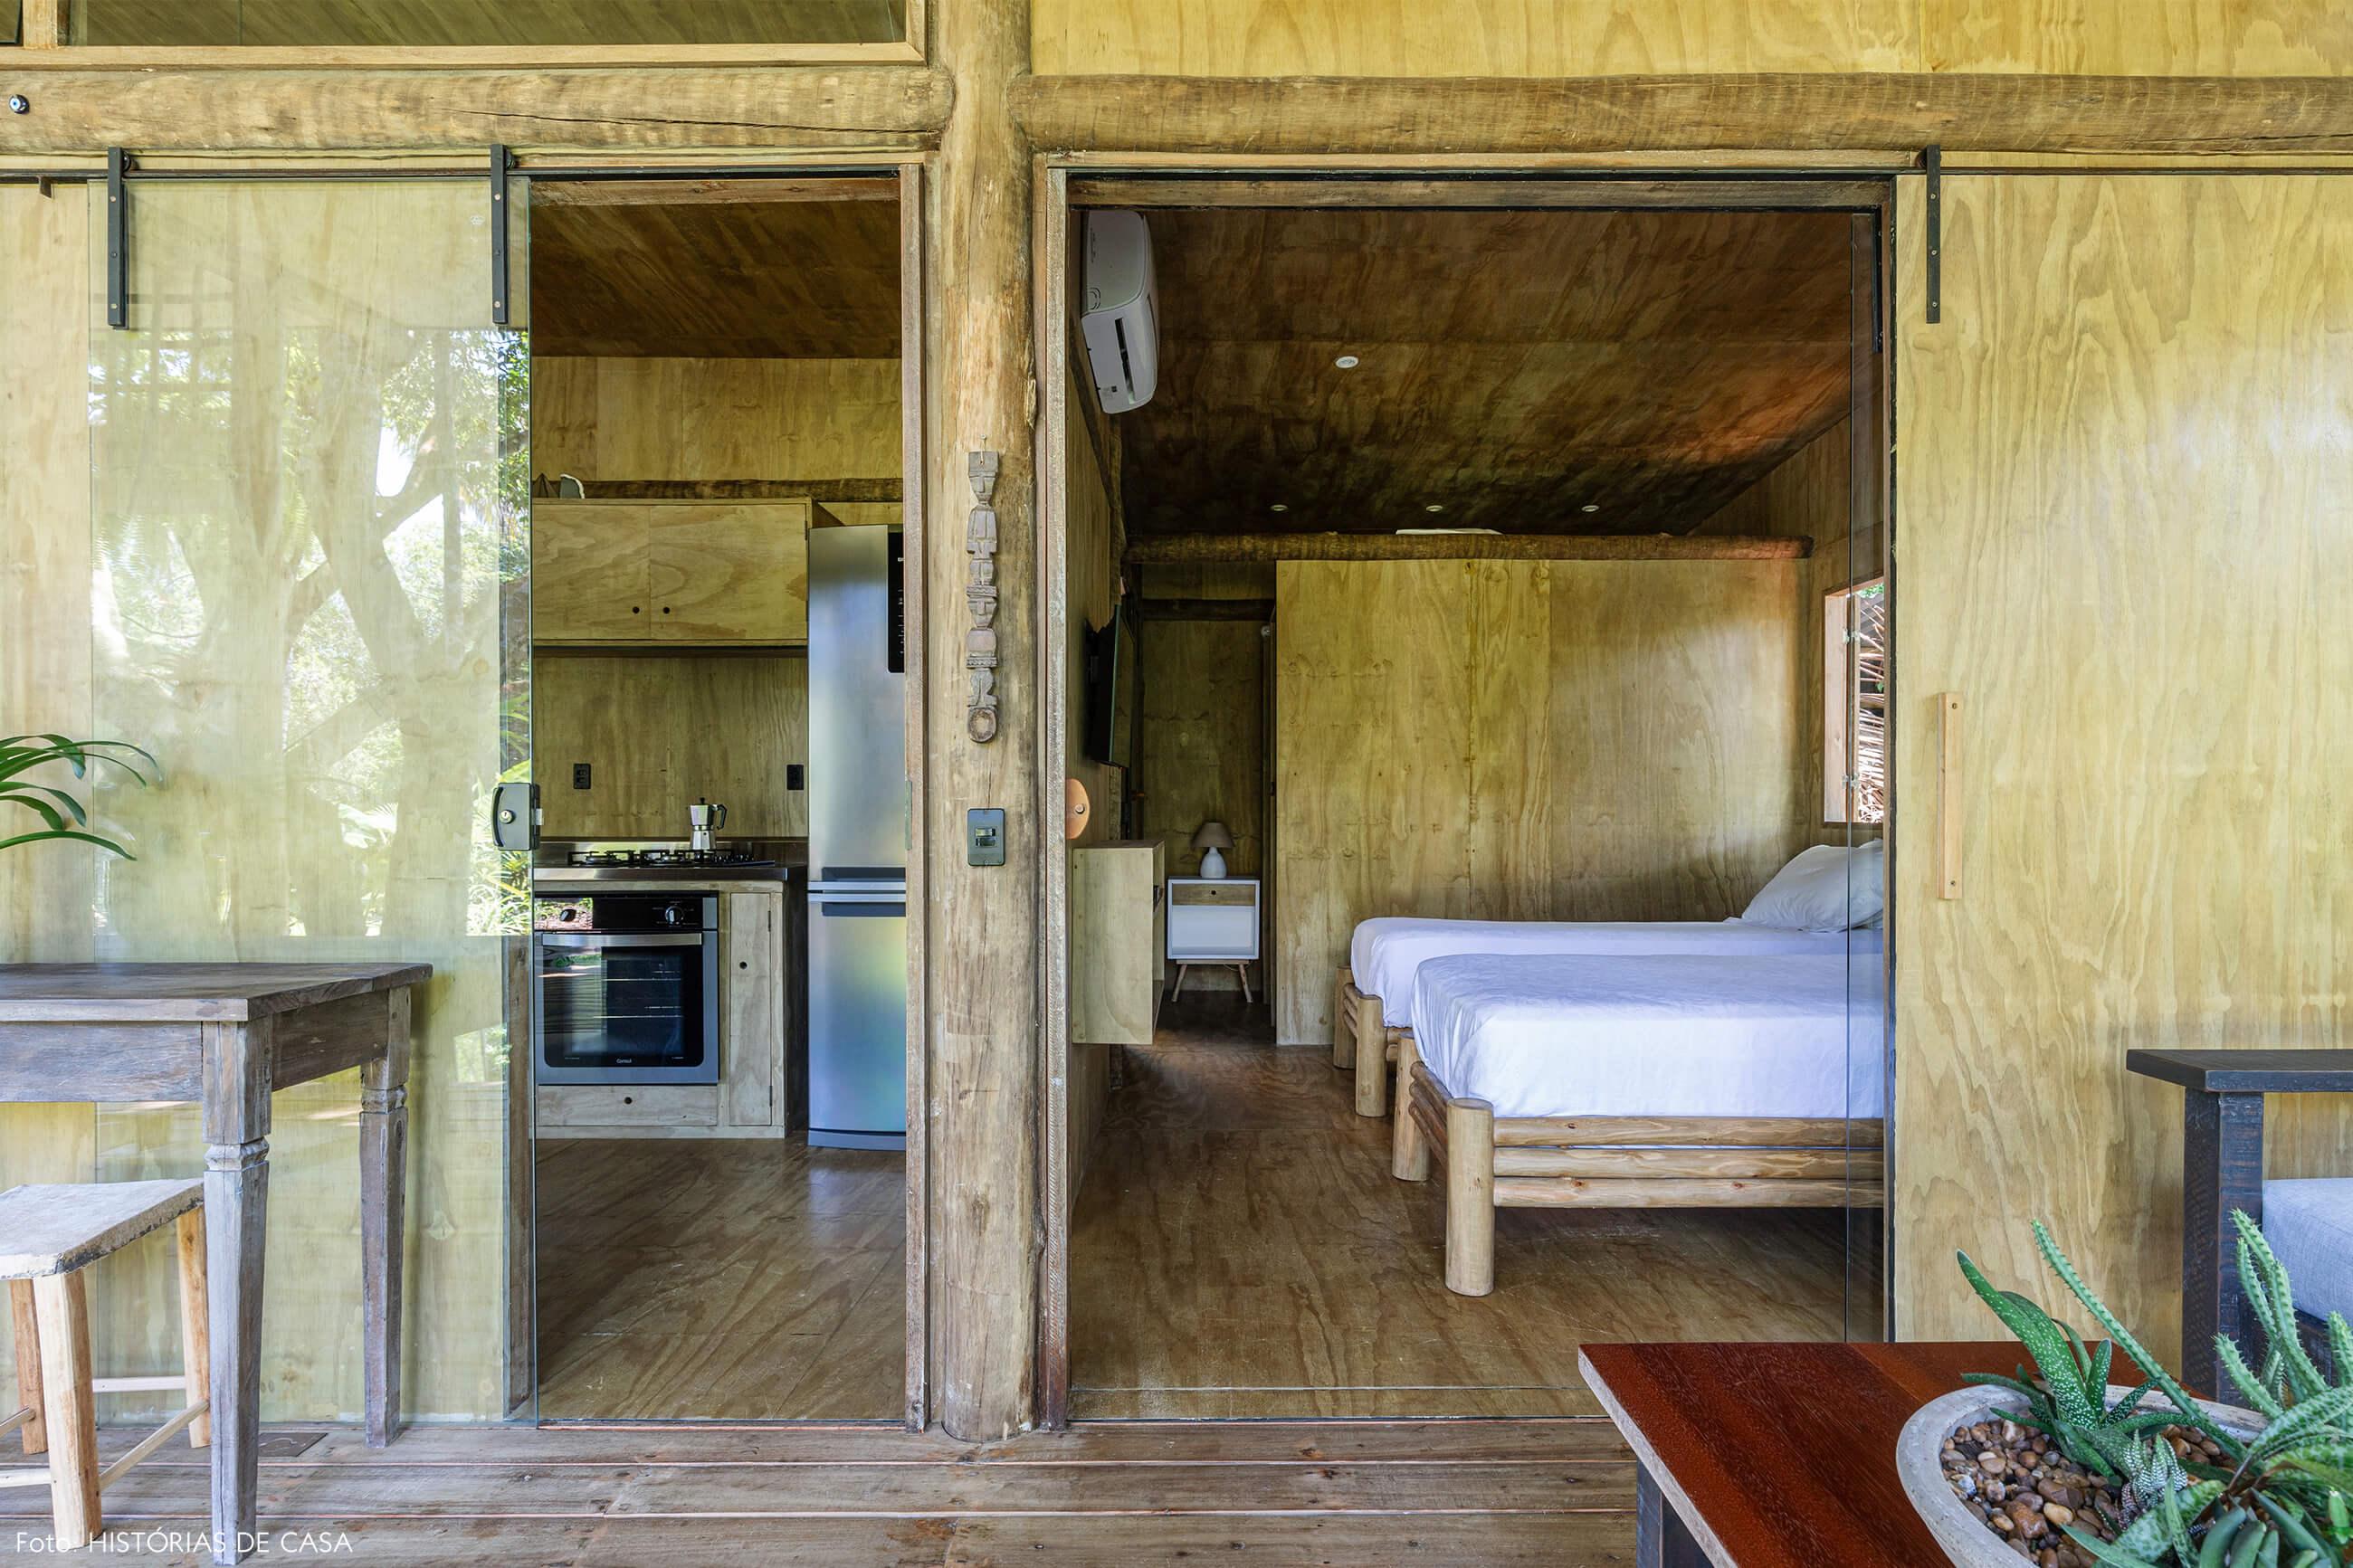 trancoso-decoracao-hotel-villase7e-29-piso-teto-parede-madeira-mesa-banco-cama-madeira-mesa-e-abajur-branco